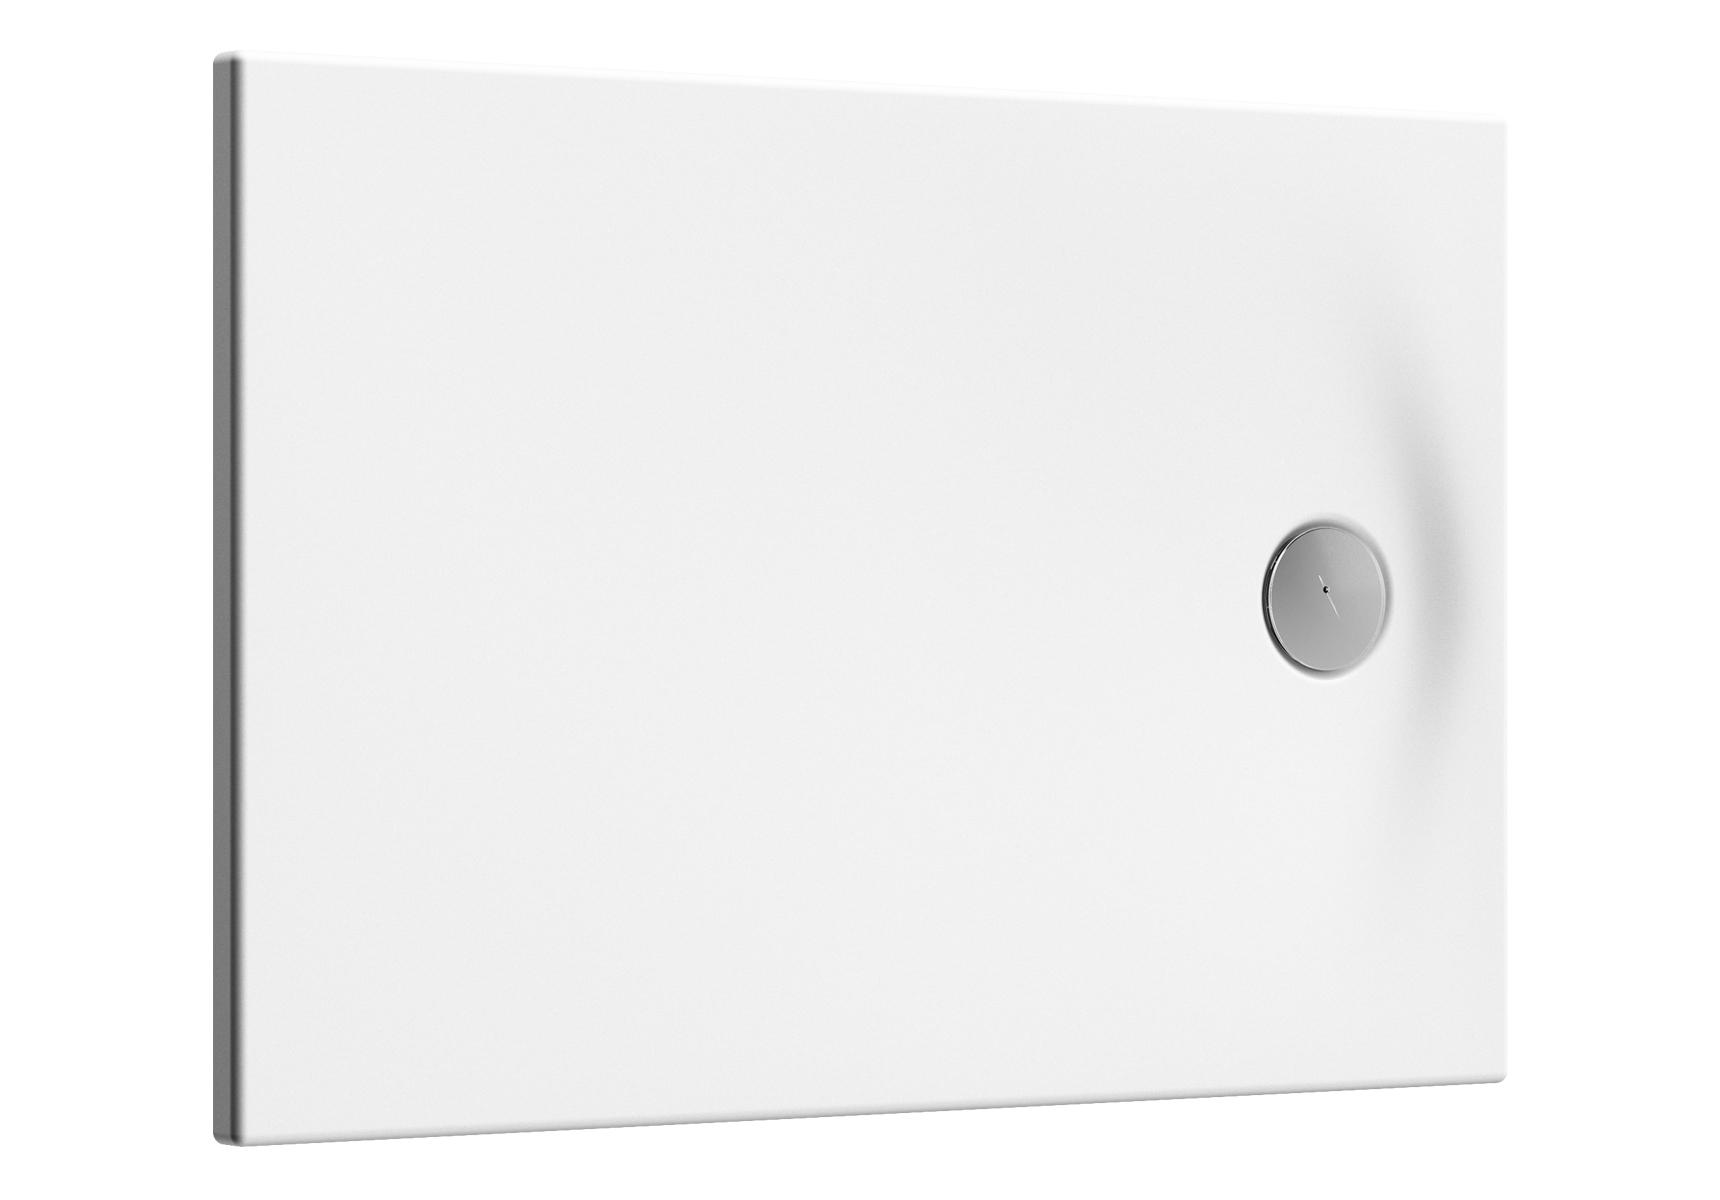 Smooth receveur ultra plat en acrylique, 3,2 mm, à encastrer ou à poser, rectangulaire, 170  x  70 cm